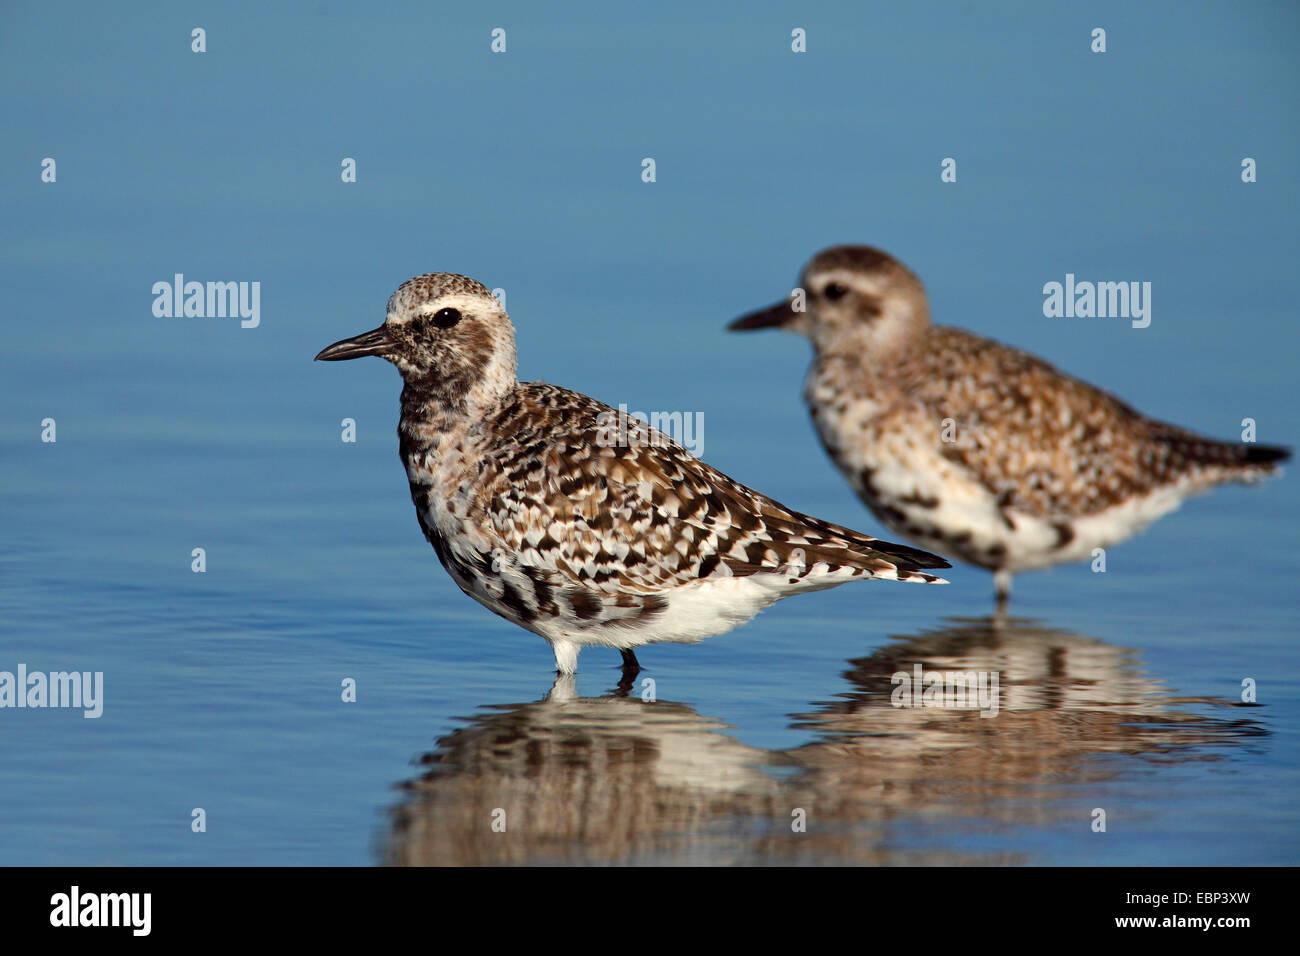 graue Regenpfeifer (Pluvialis Squatarola), Vögel im Winterkleid und im Übergang zur Zucht Gefieder, USA, Stockbild